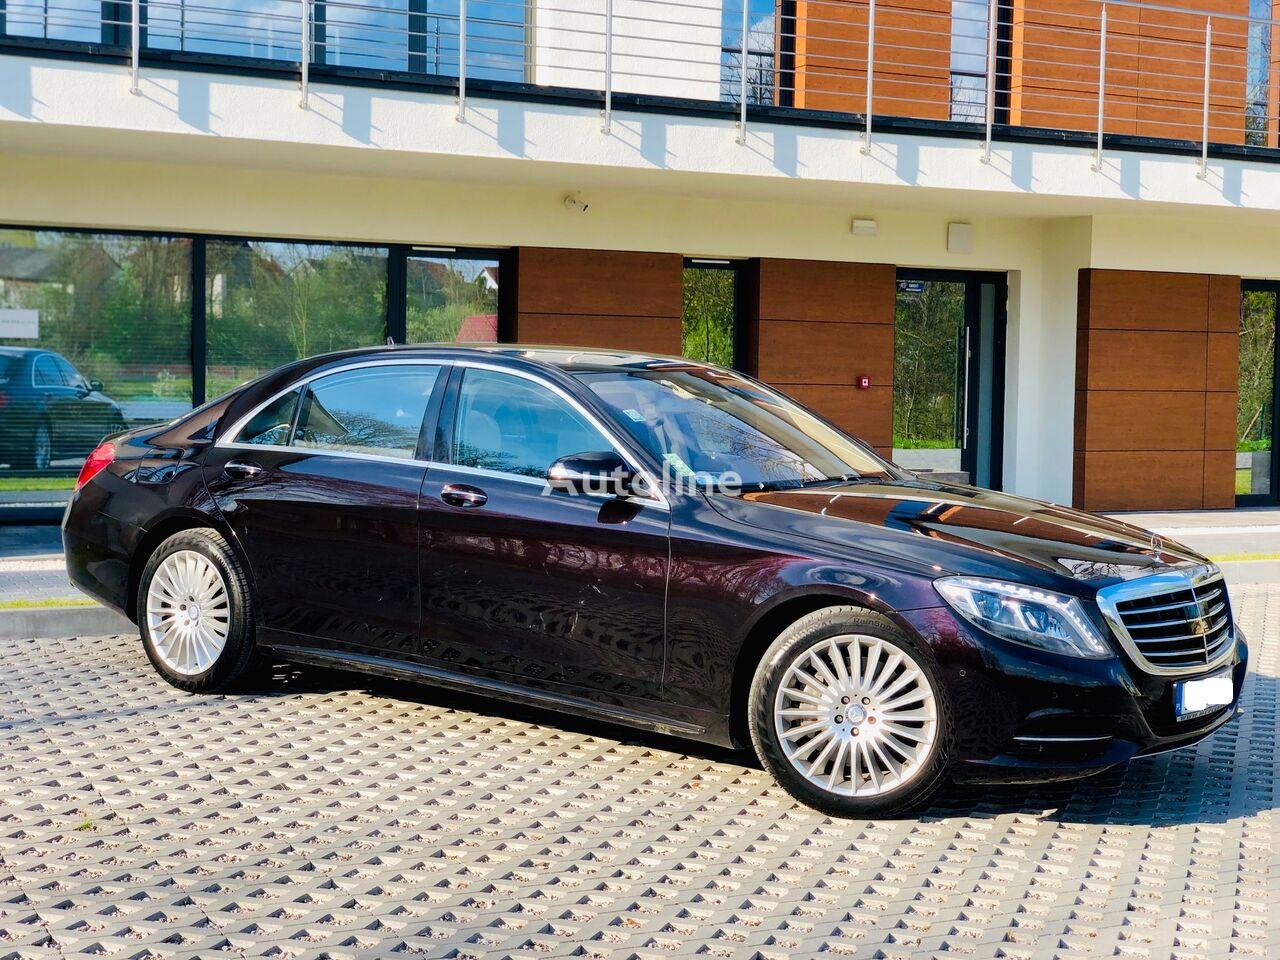 Mercedes a klasa Mercedes A